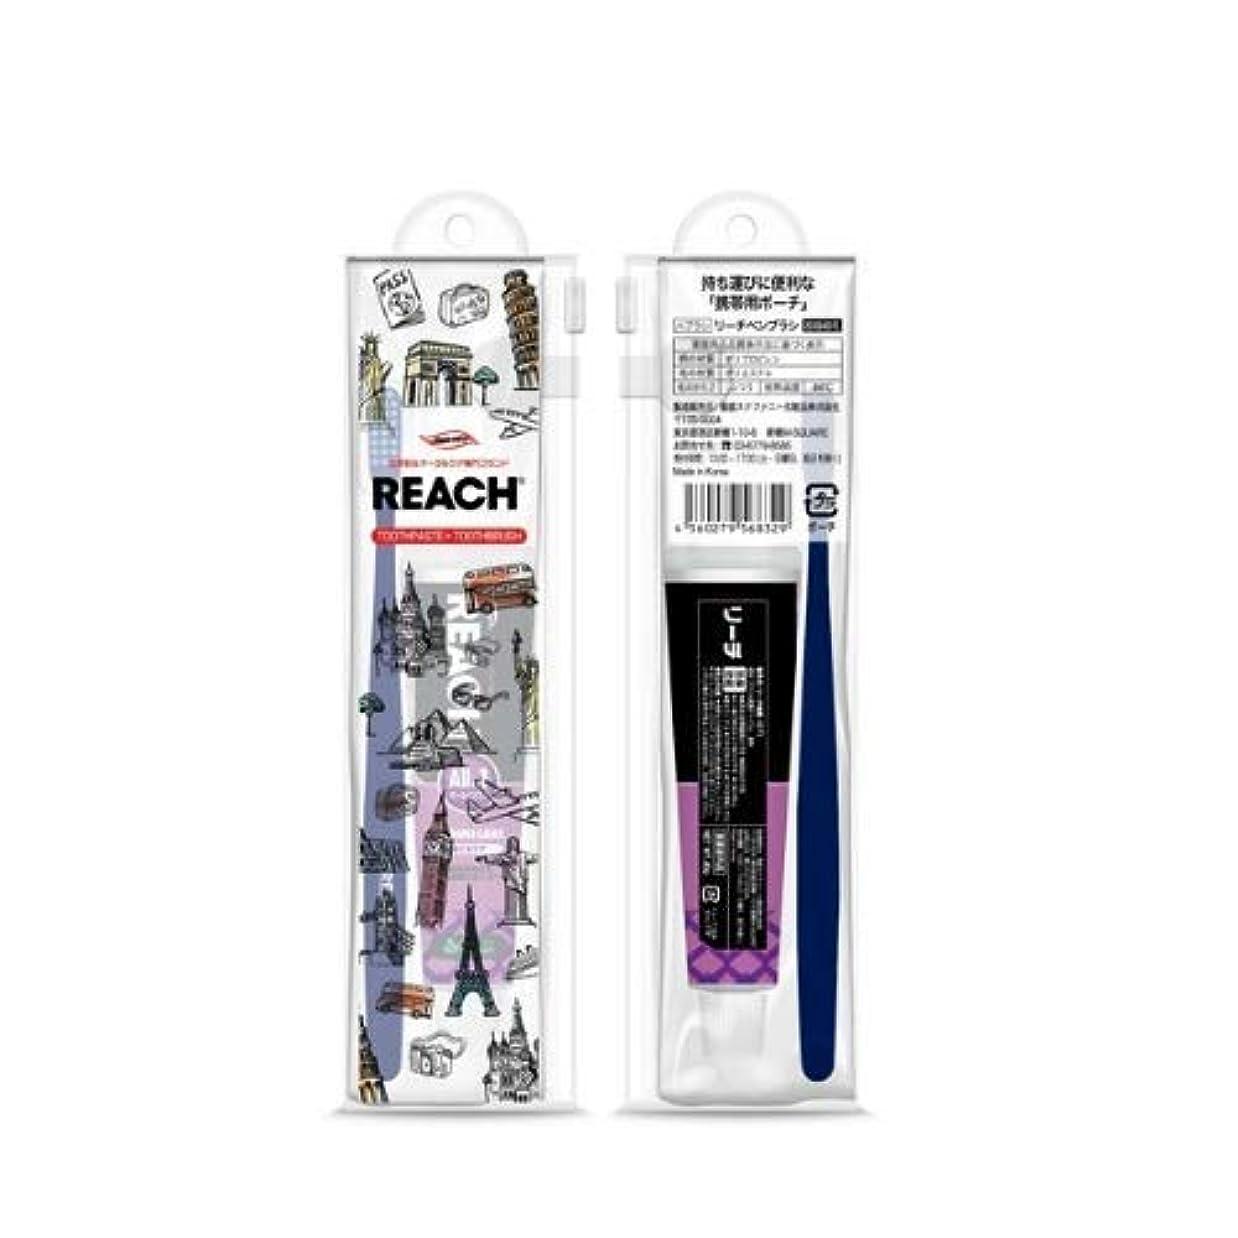 列挙する排泄するコンサートリーチトラベルセット(デンタル歯ブラシ1本?薬用歯みがき40g) × 6個セット